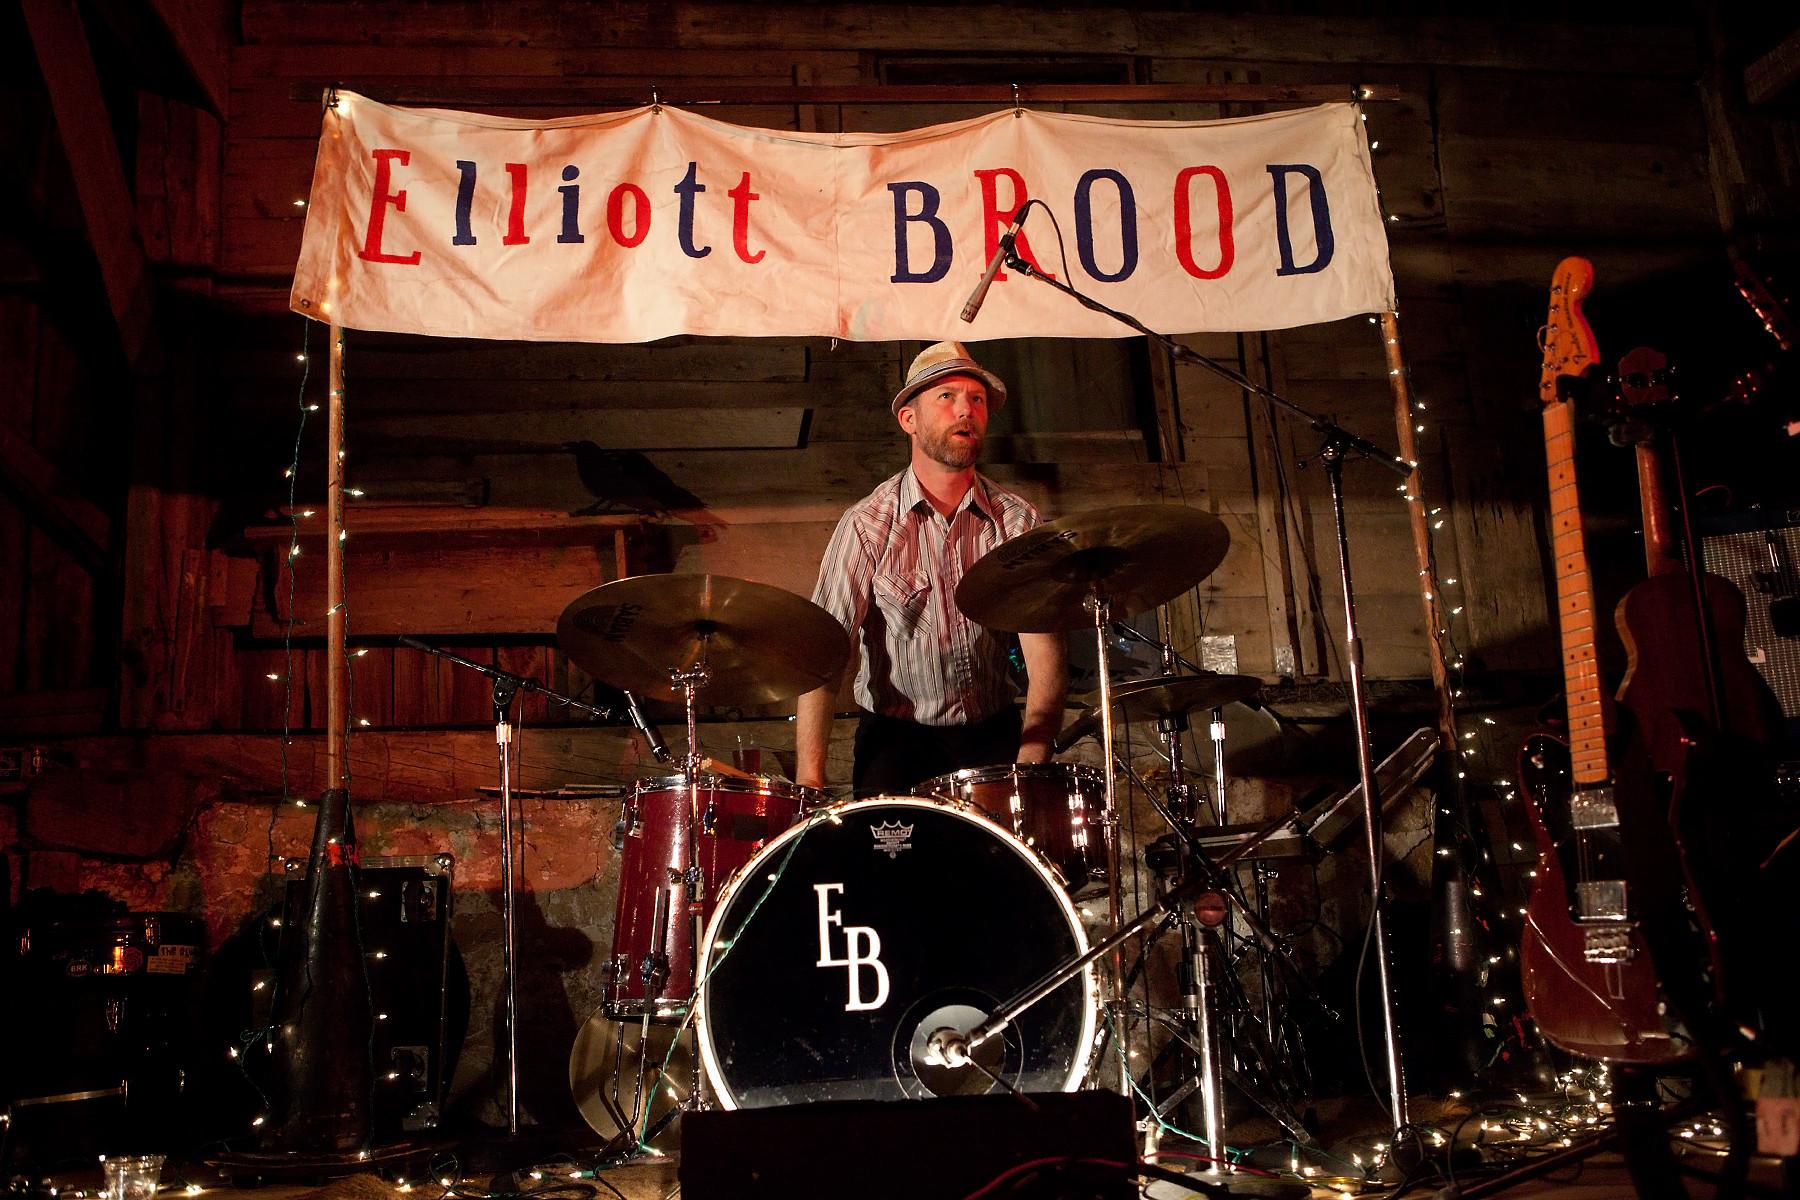 Elliott Brood @ The New Farm